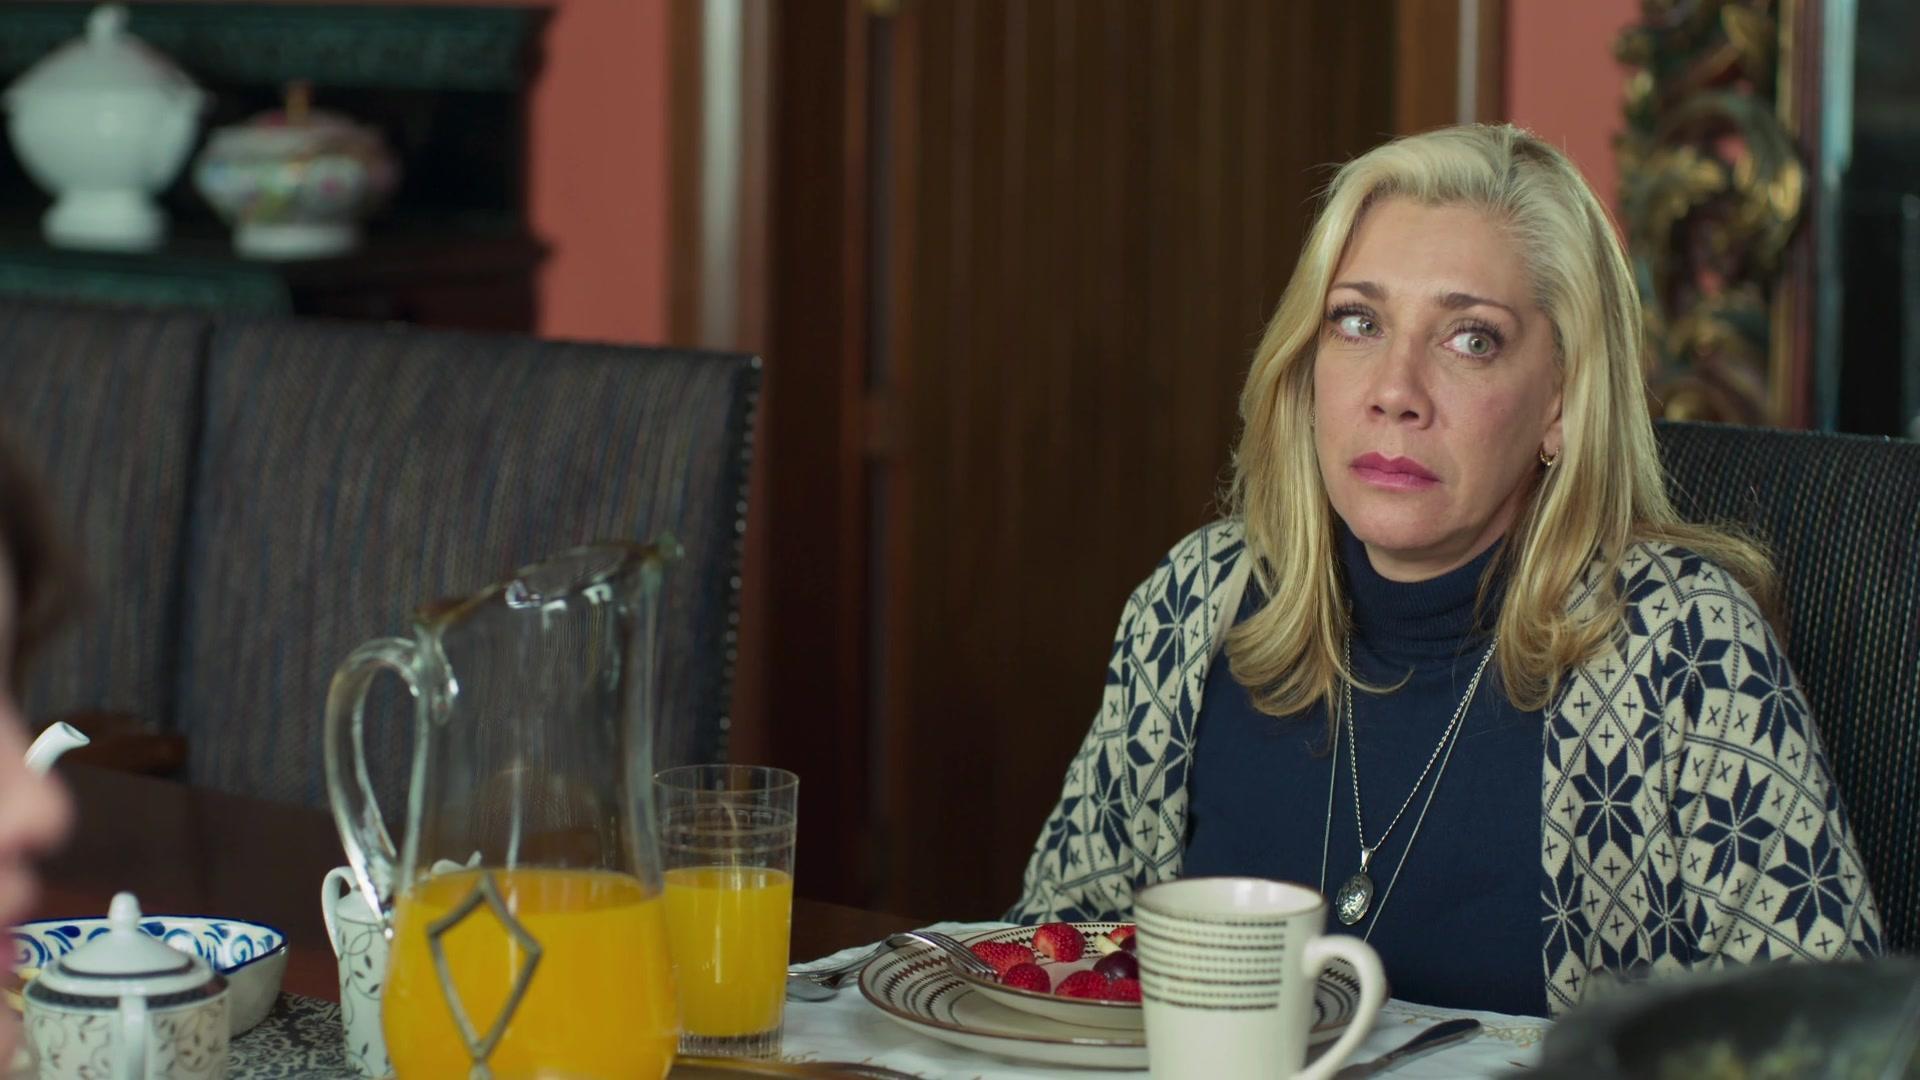 Cynthia Klitbo in El dragón (2019)